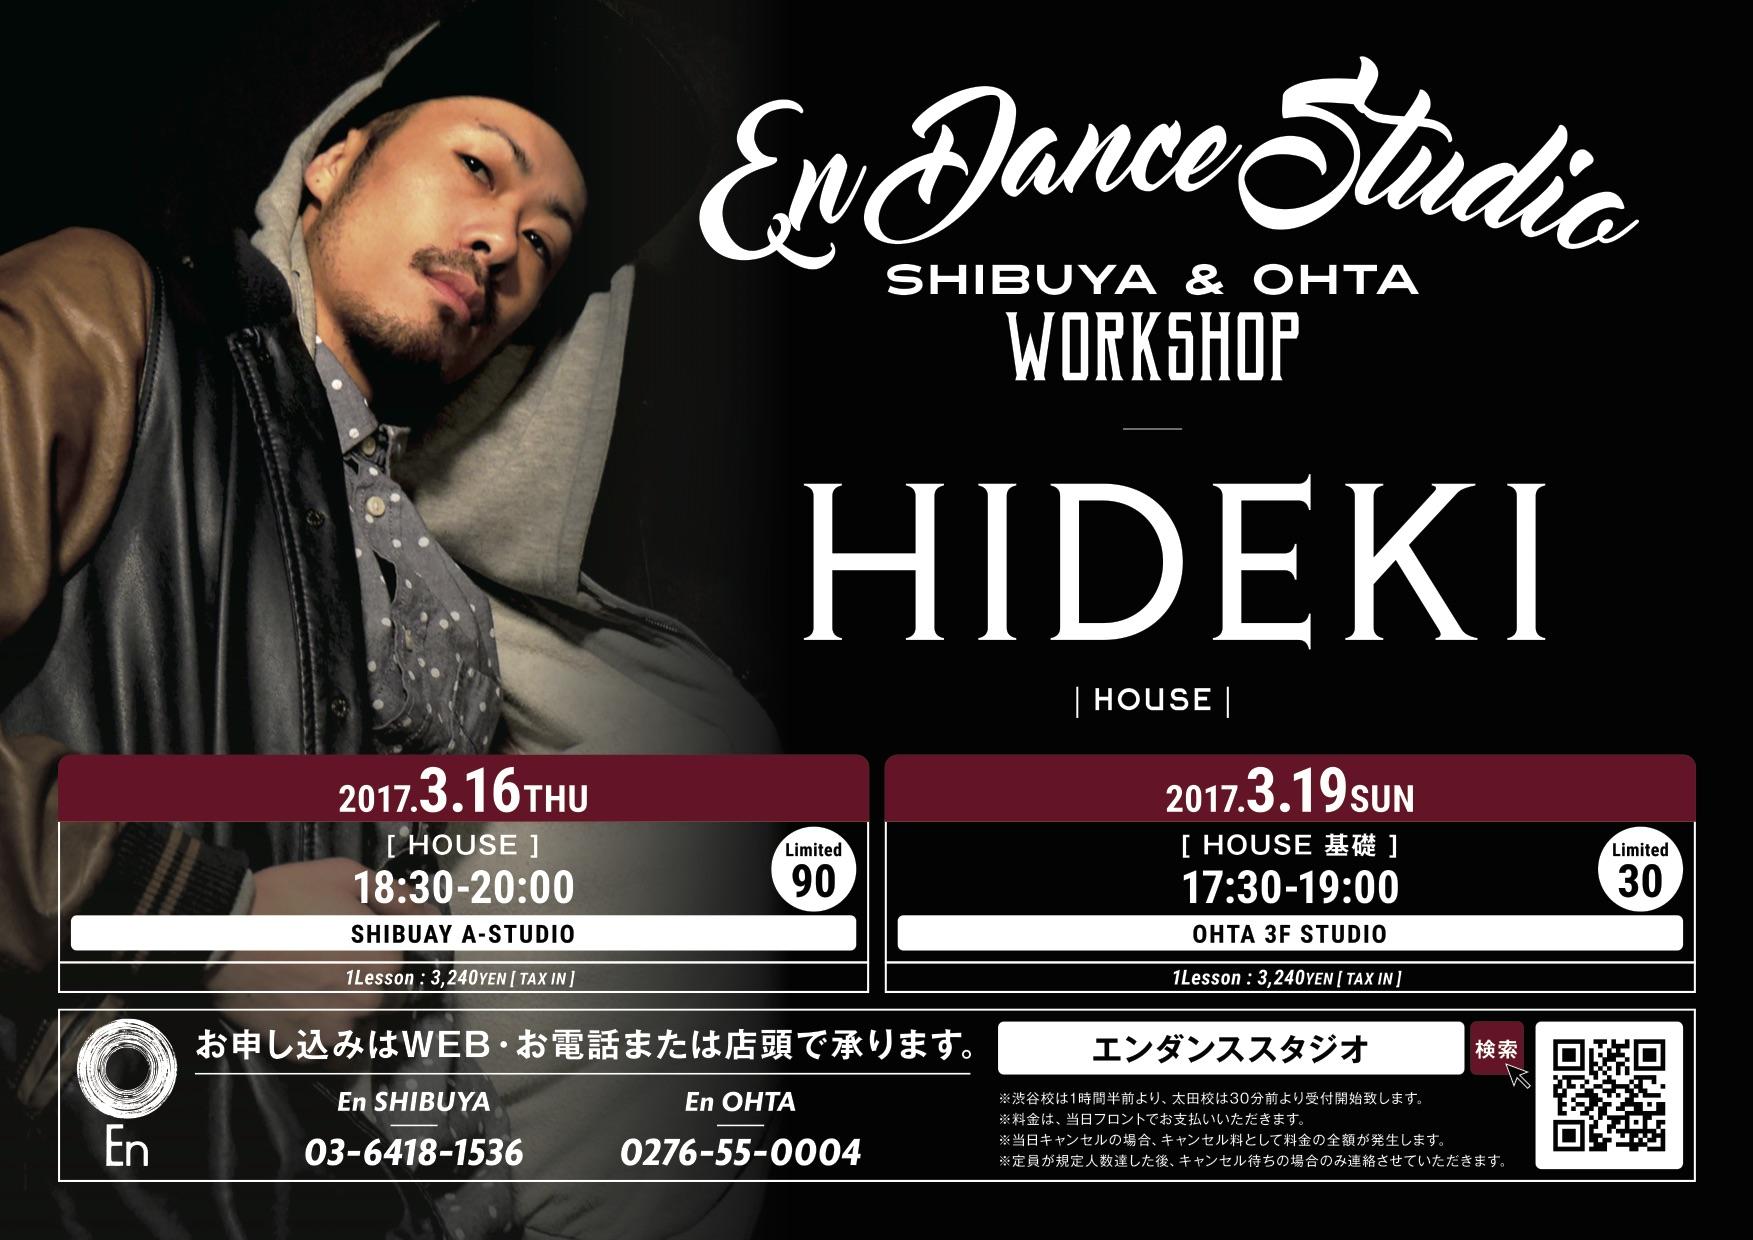 HIDEKI03